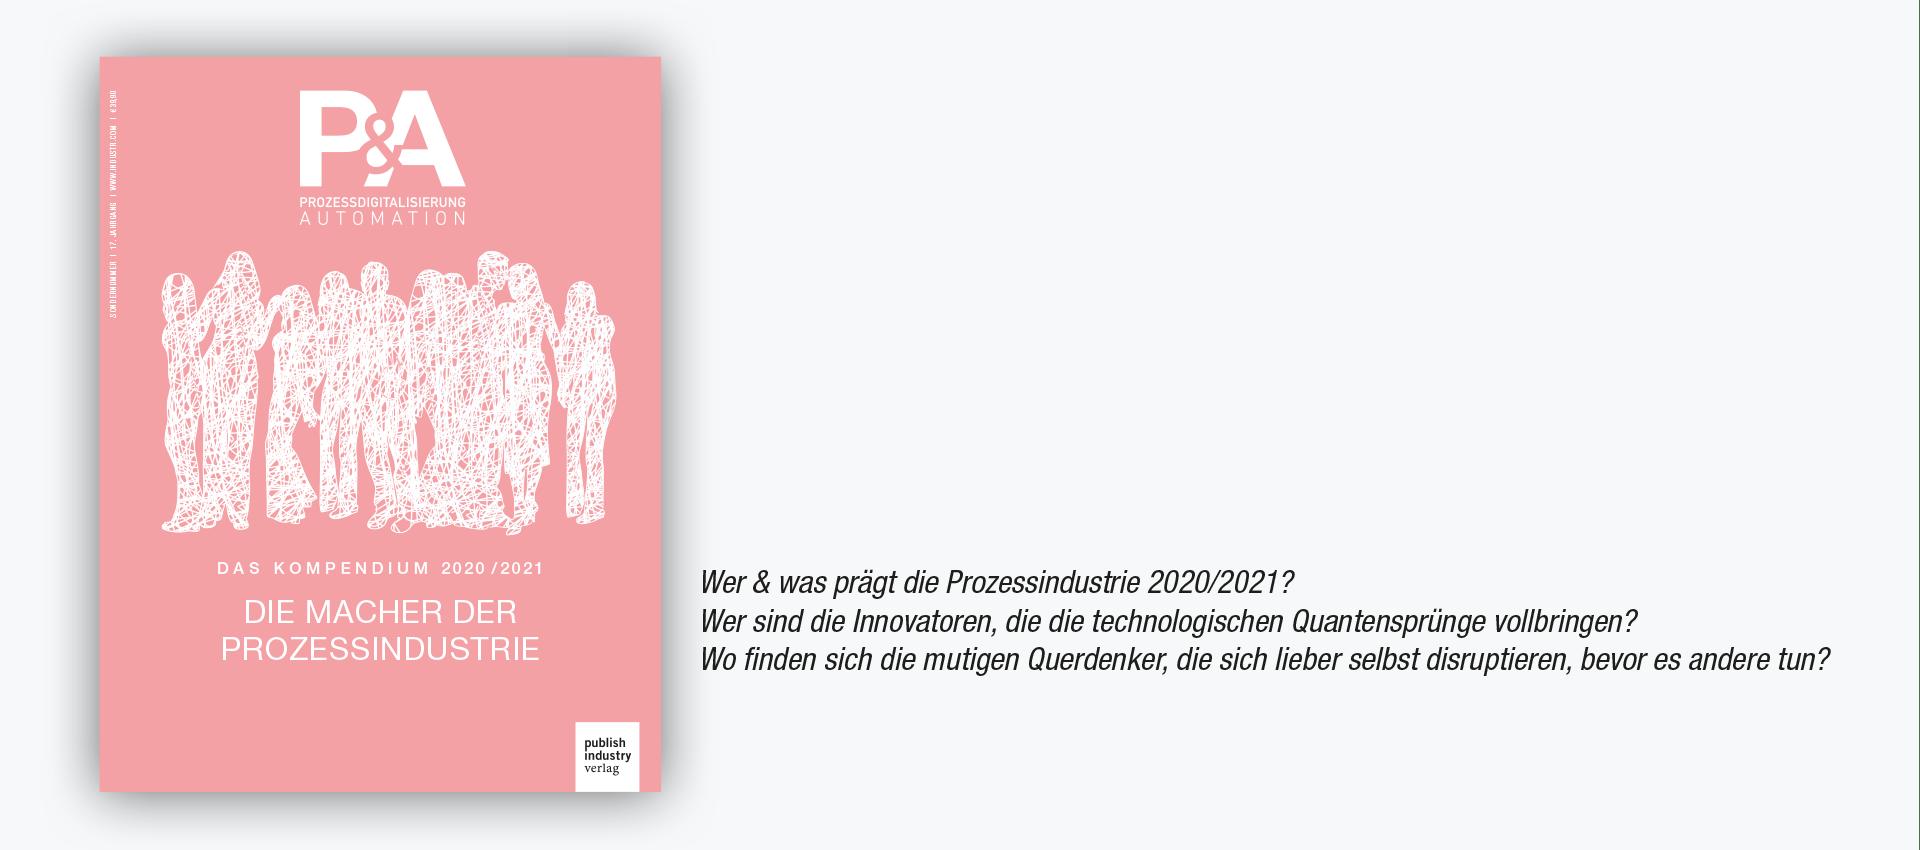 P&A-Kompendium